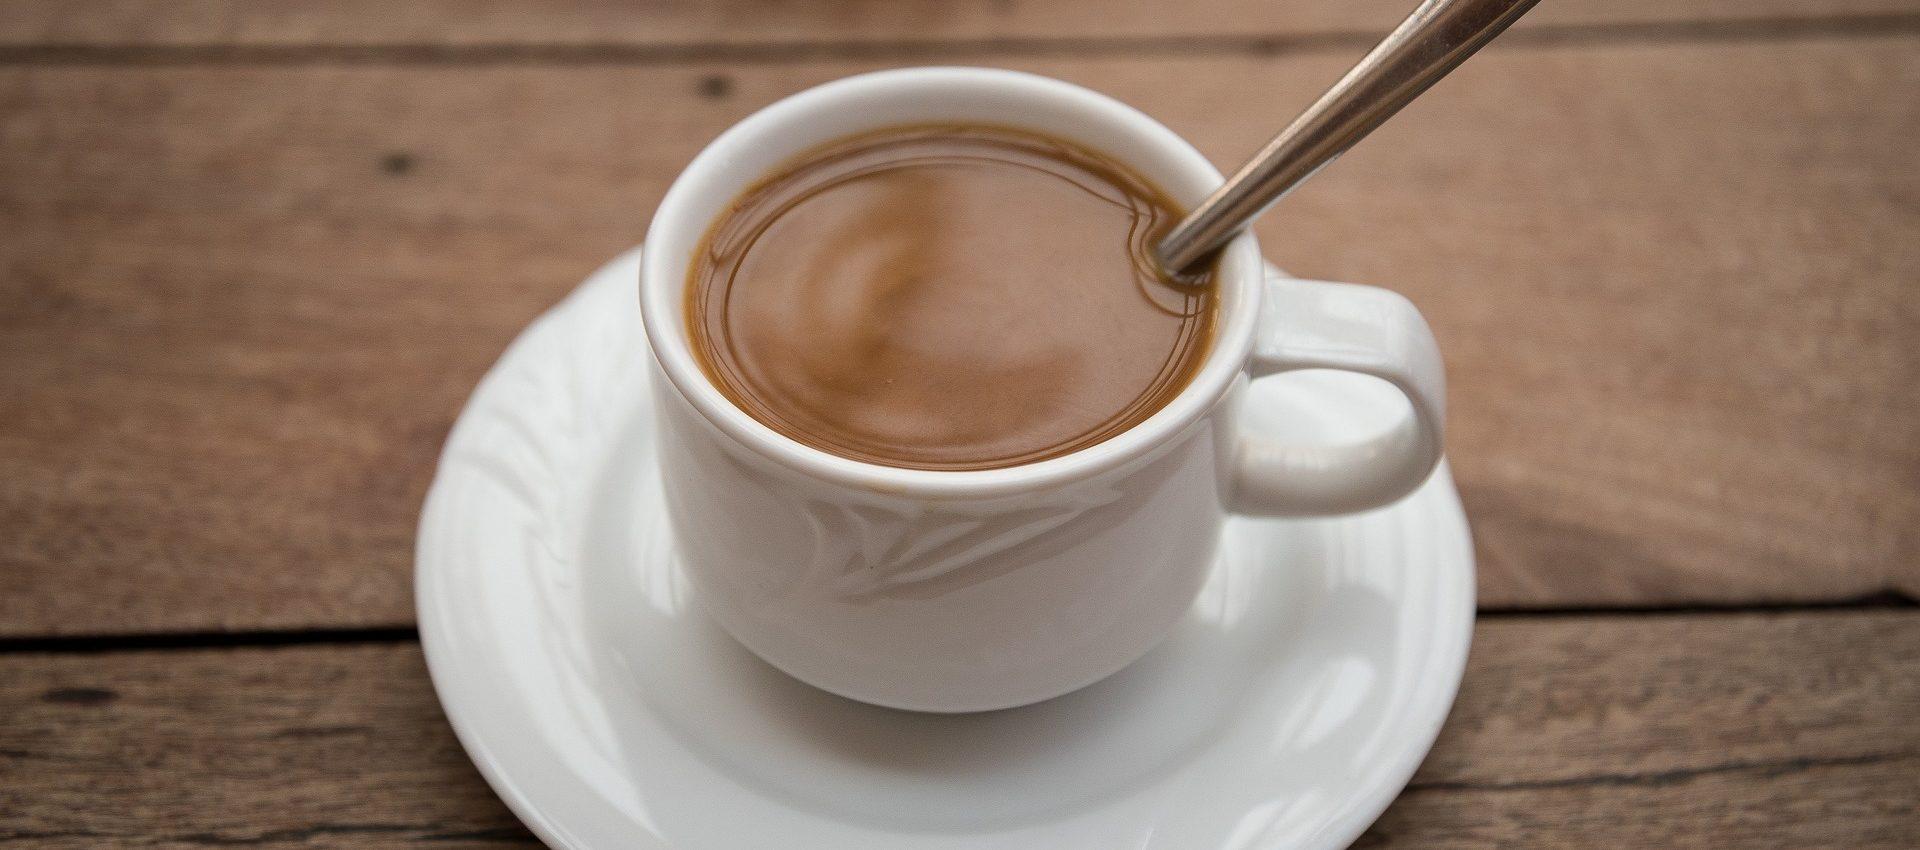 Kókuszkrém Kávéhoz